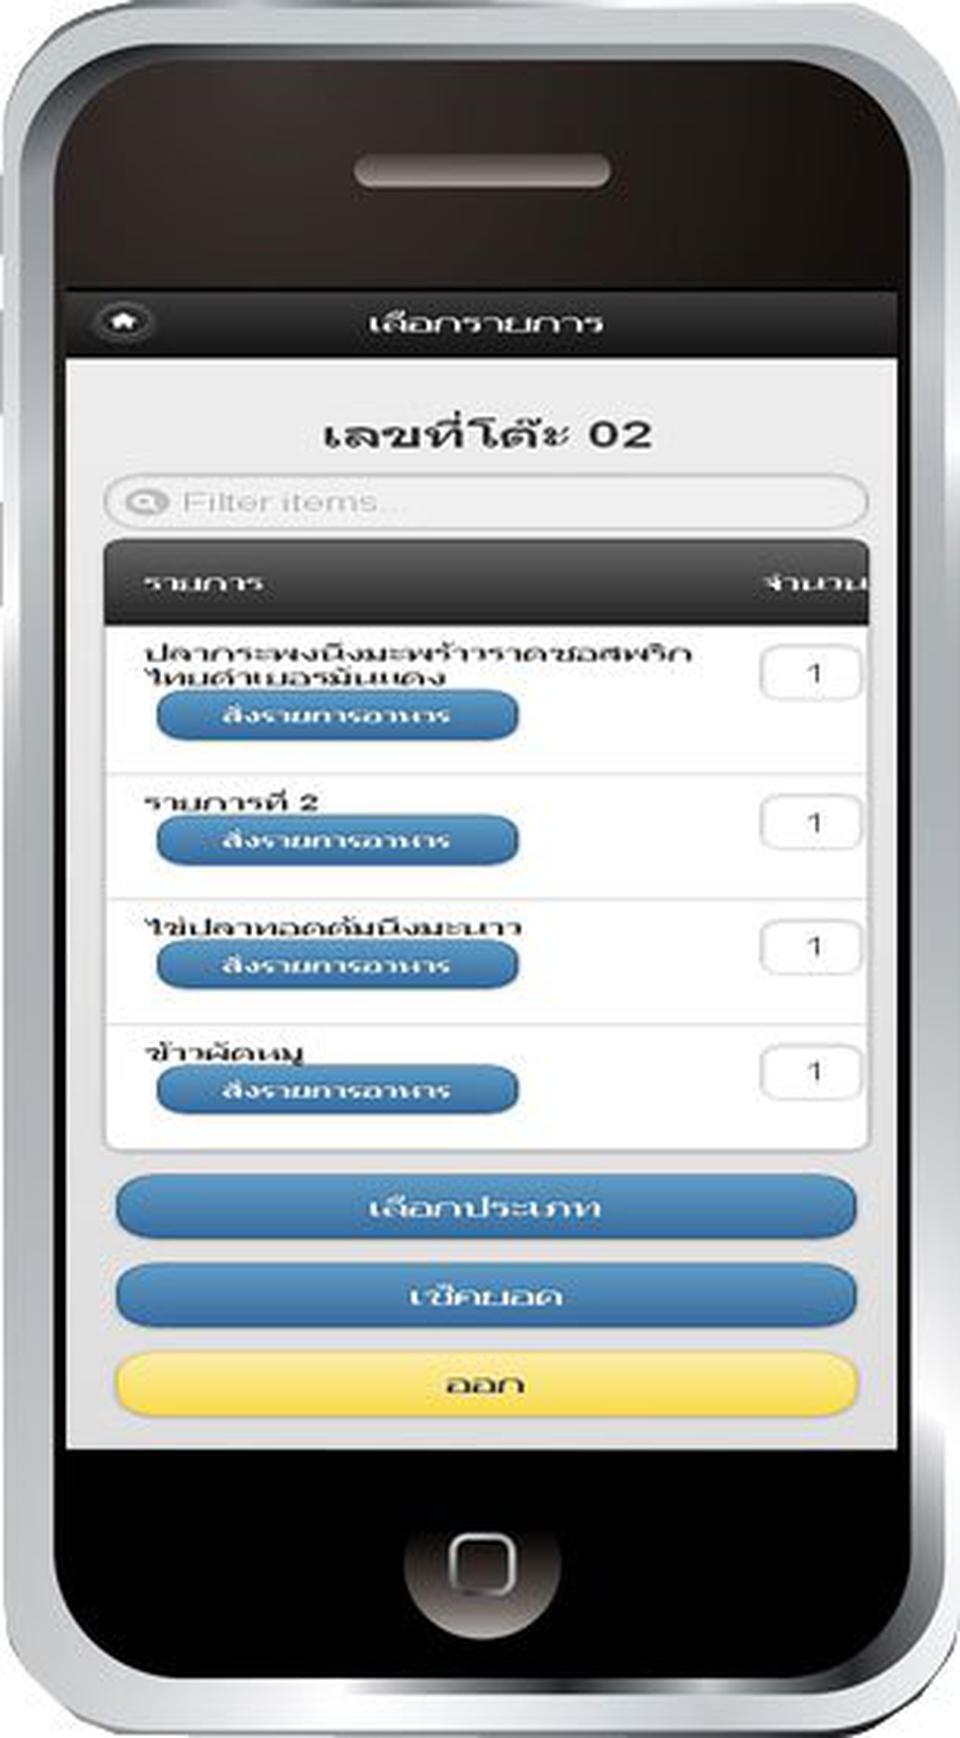 โปรแกรมร้านอาหาร บน android, โปรแกรมร้านอาหาร บน Smart Phone,  โปรแกรมร้านอาหาร บน iPad, โปรแกรมร้านอาหาร บน iPhone, โปร รูปที่ 6